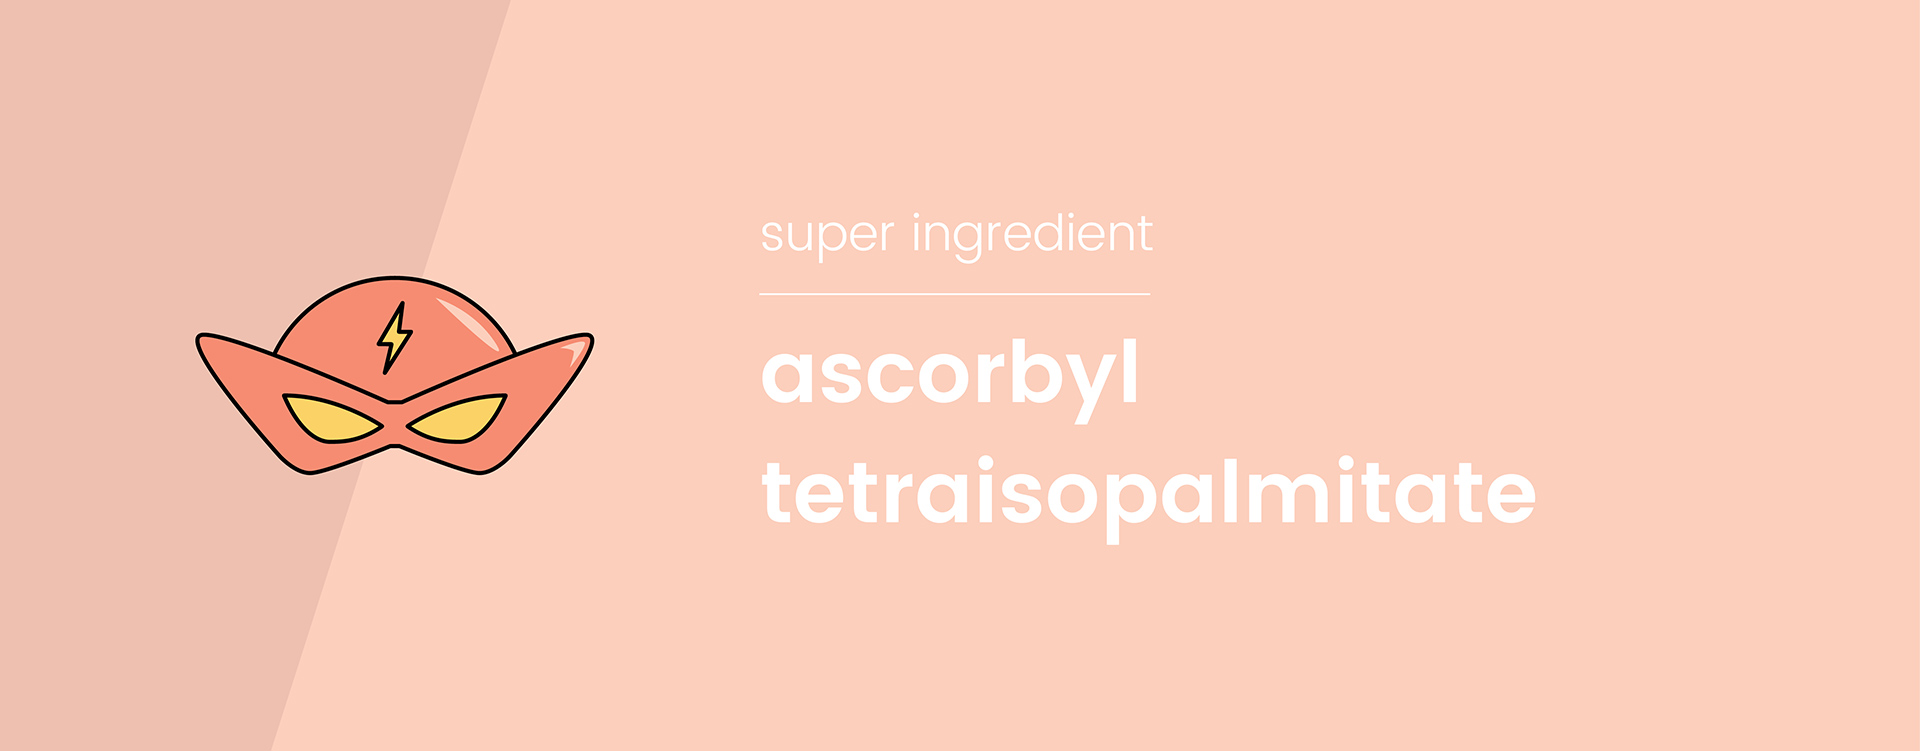 Ascorbyl Tetraisopalmitate